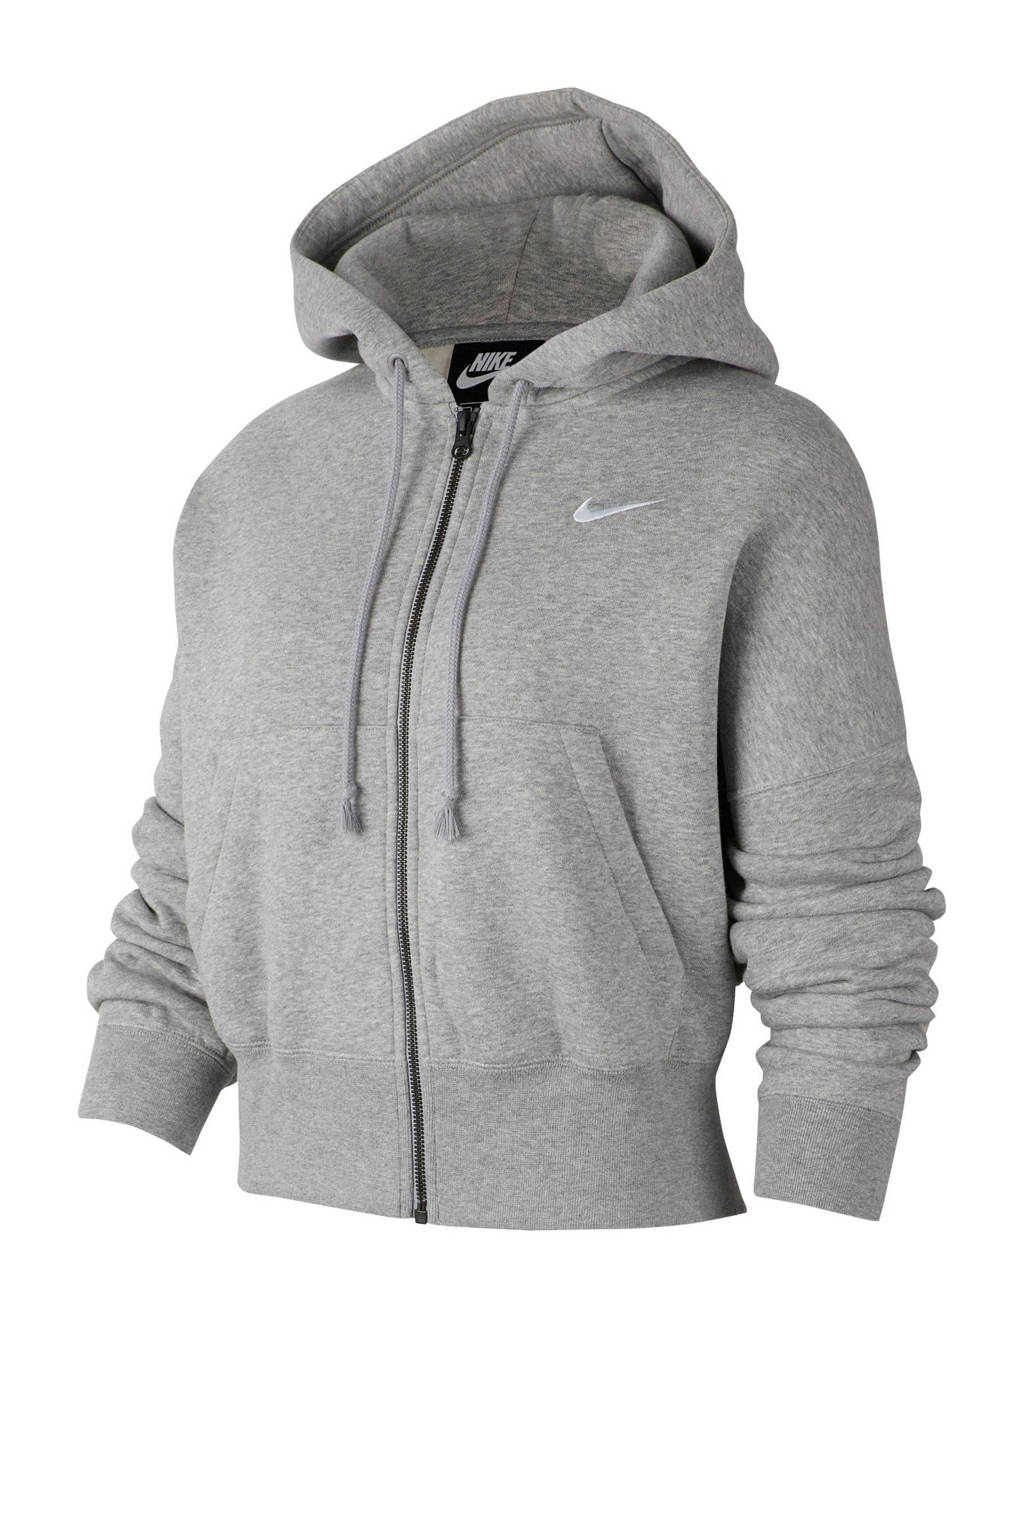 Nike vest met capuchon grijs melange, Grijs melange